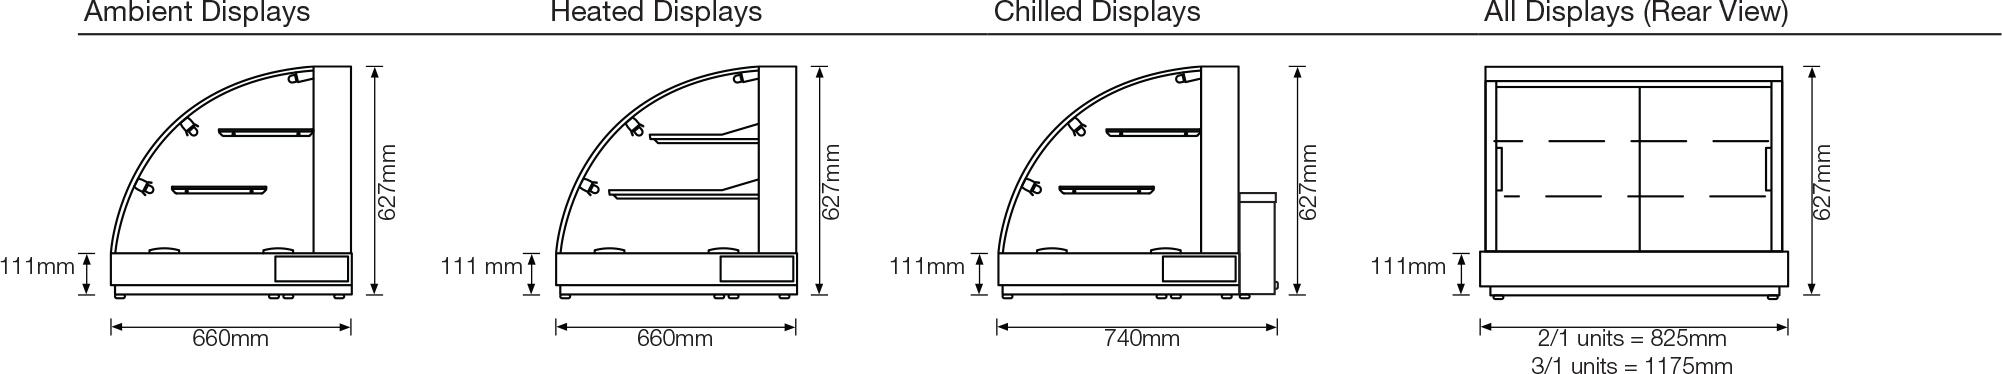 countertop-displays-diagram